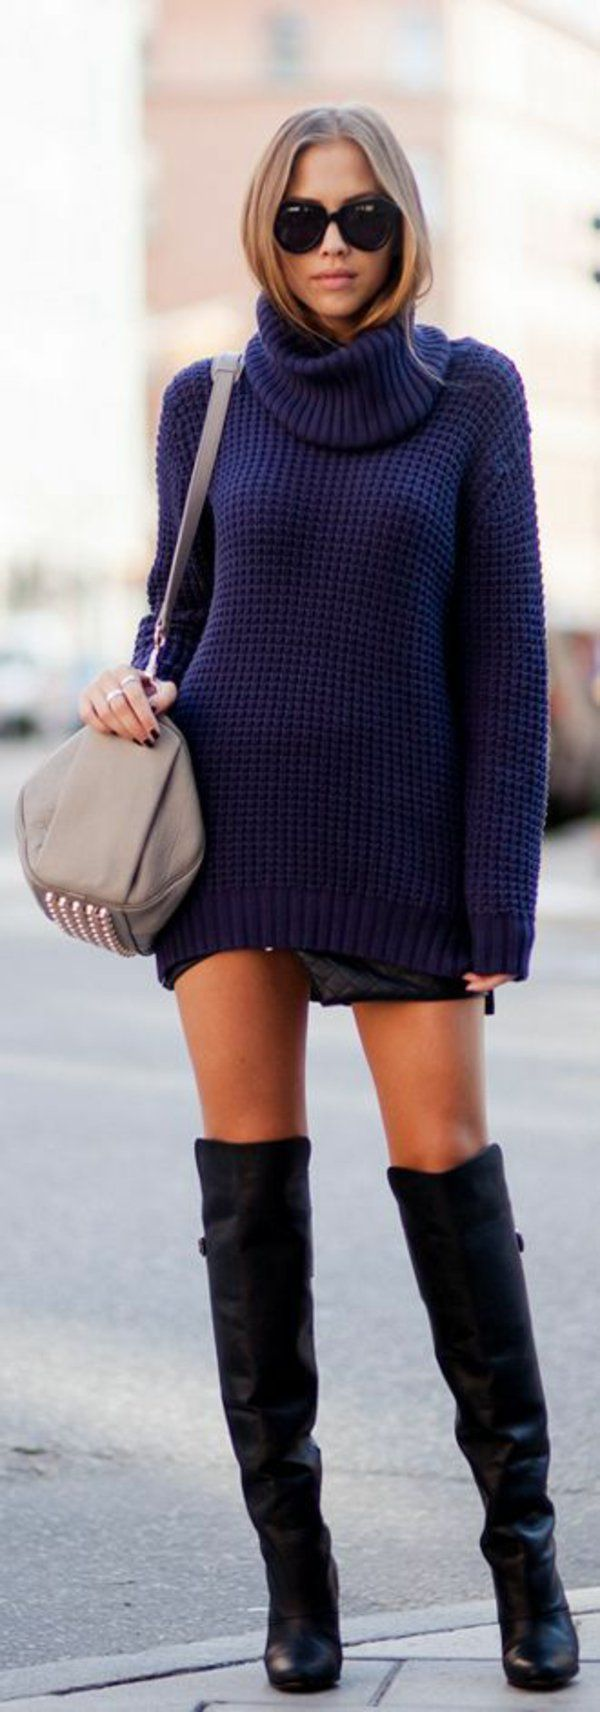 winterpullover strickmode winterkleider damen